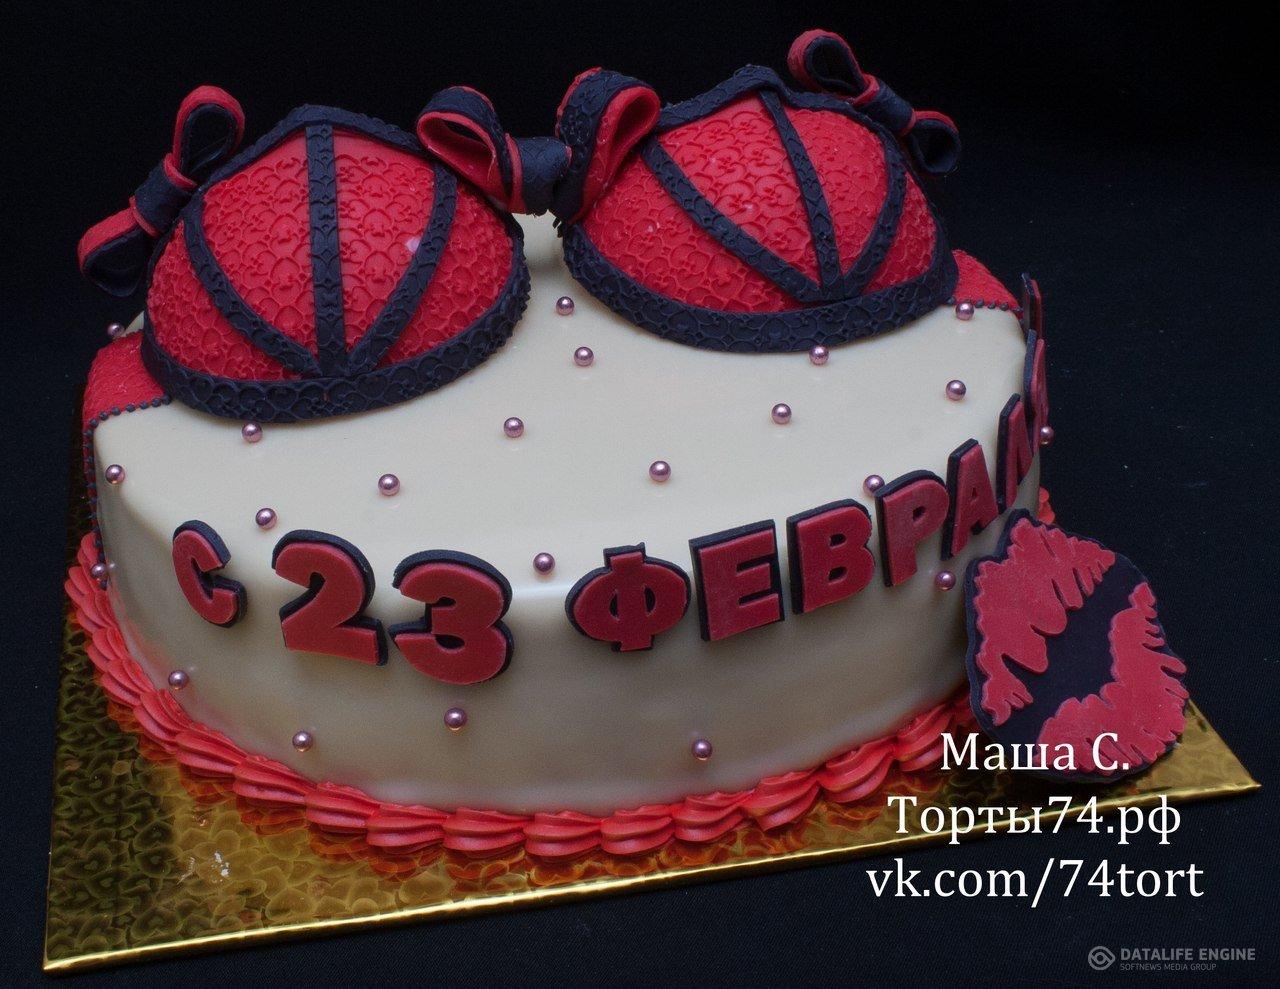 Фото вагина торт, Эротический Торт Вагина вес торта НА фото 22 фотография